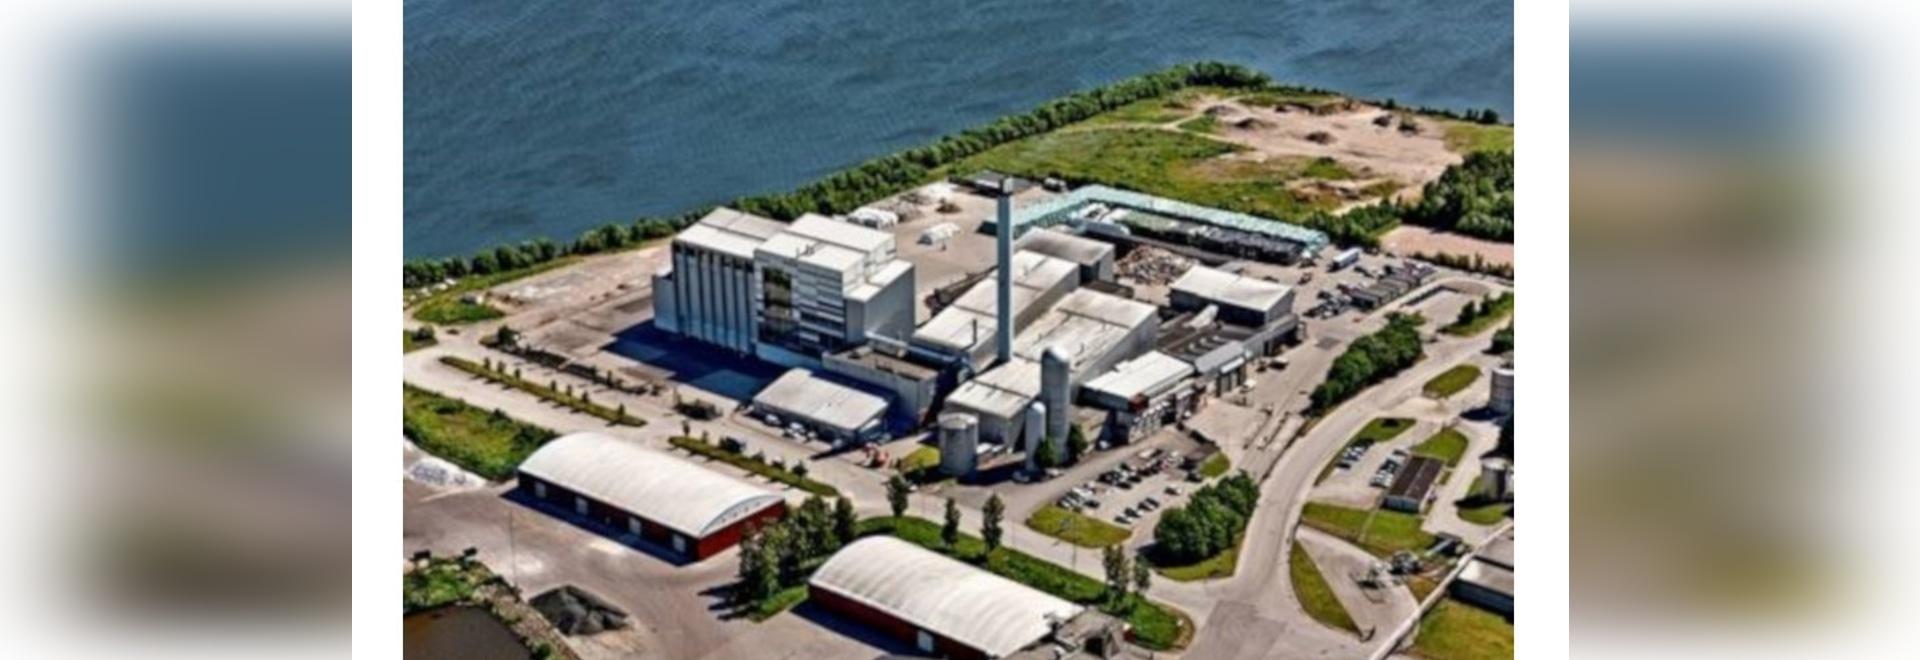 La caldaia trasforma i rifiuti in vapore industriale, elettricità